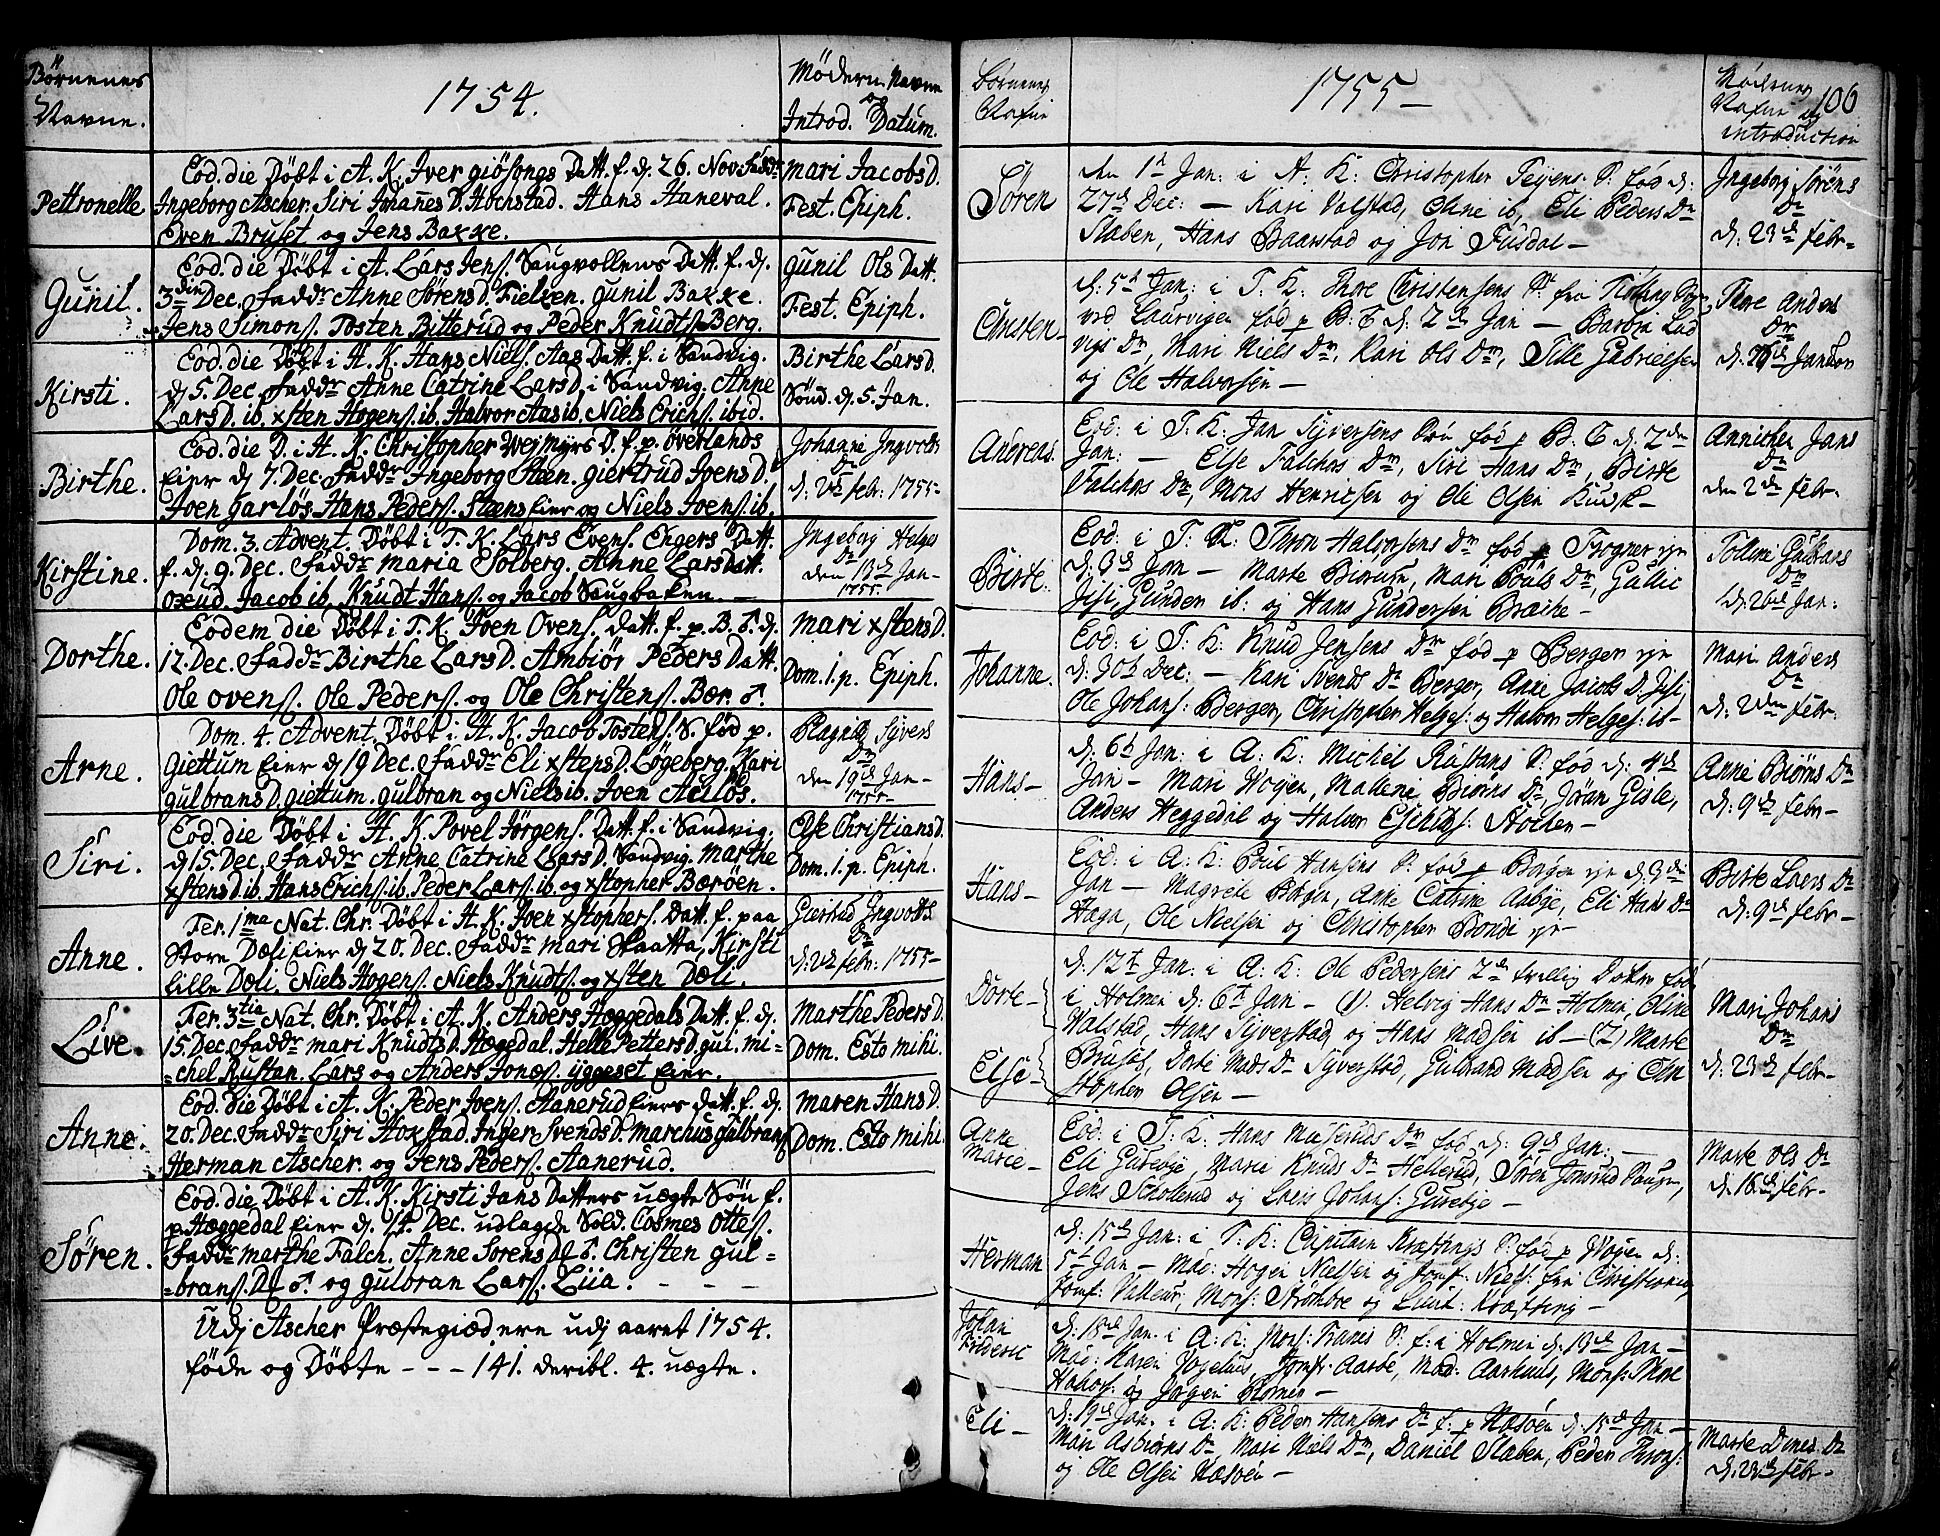 SAO, Asker prestekontor Kirkebøker, F/Fa/L0002: Ministerialbok nr. I 2, 1733-1766, s. 106